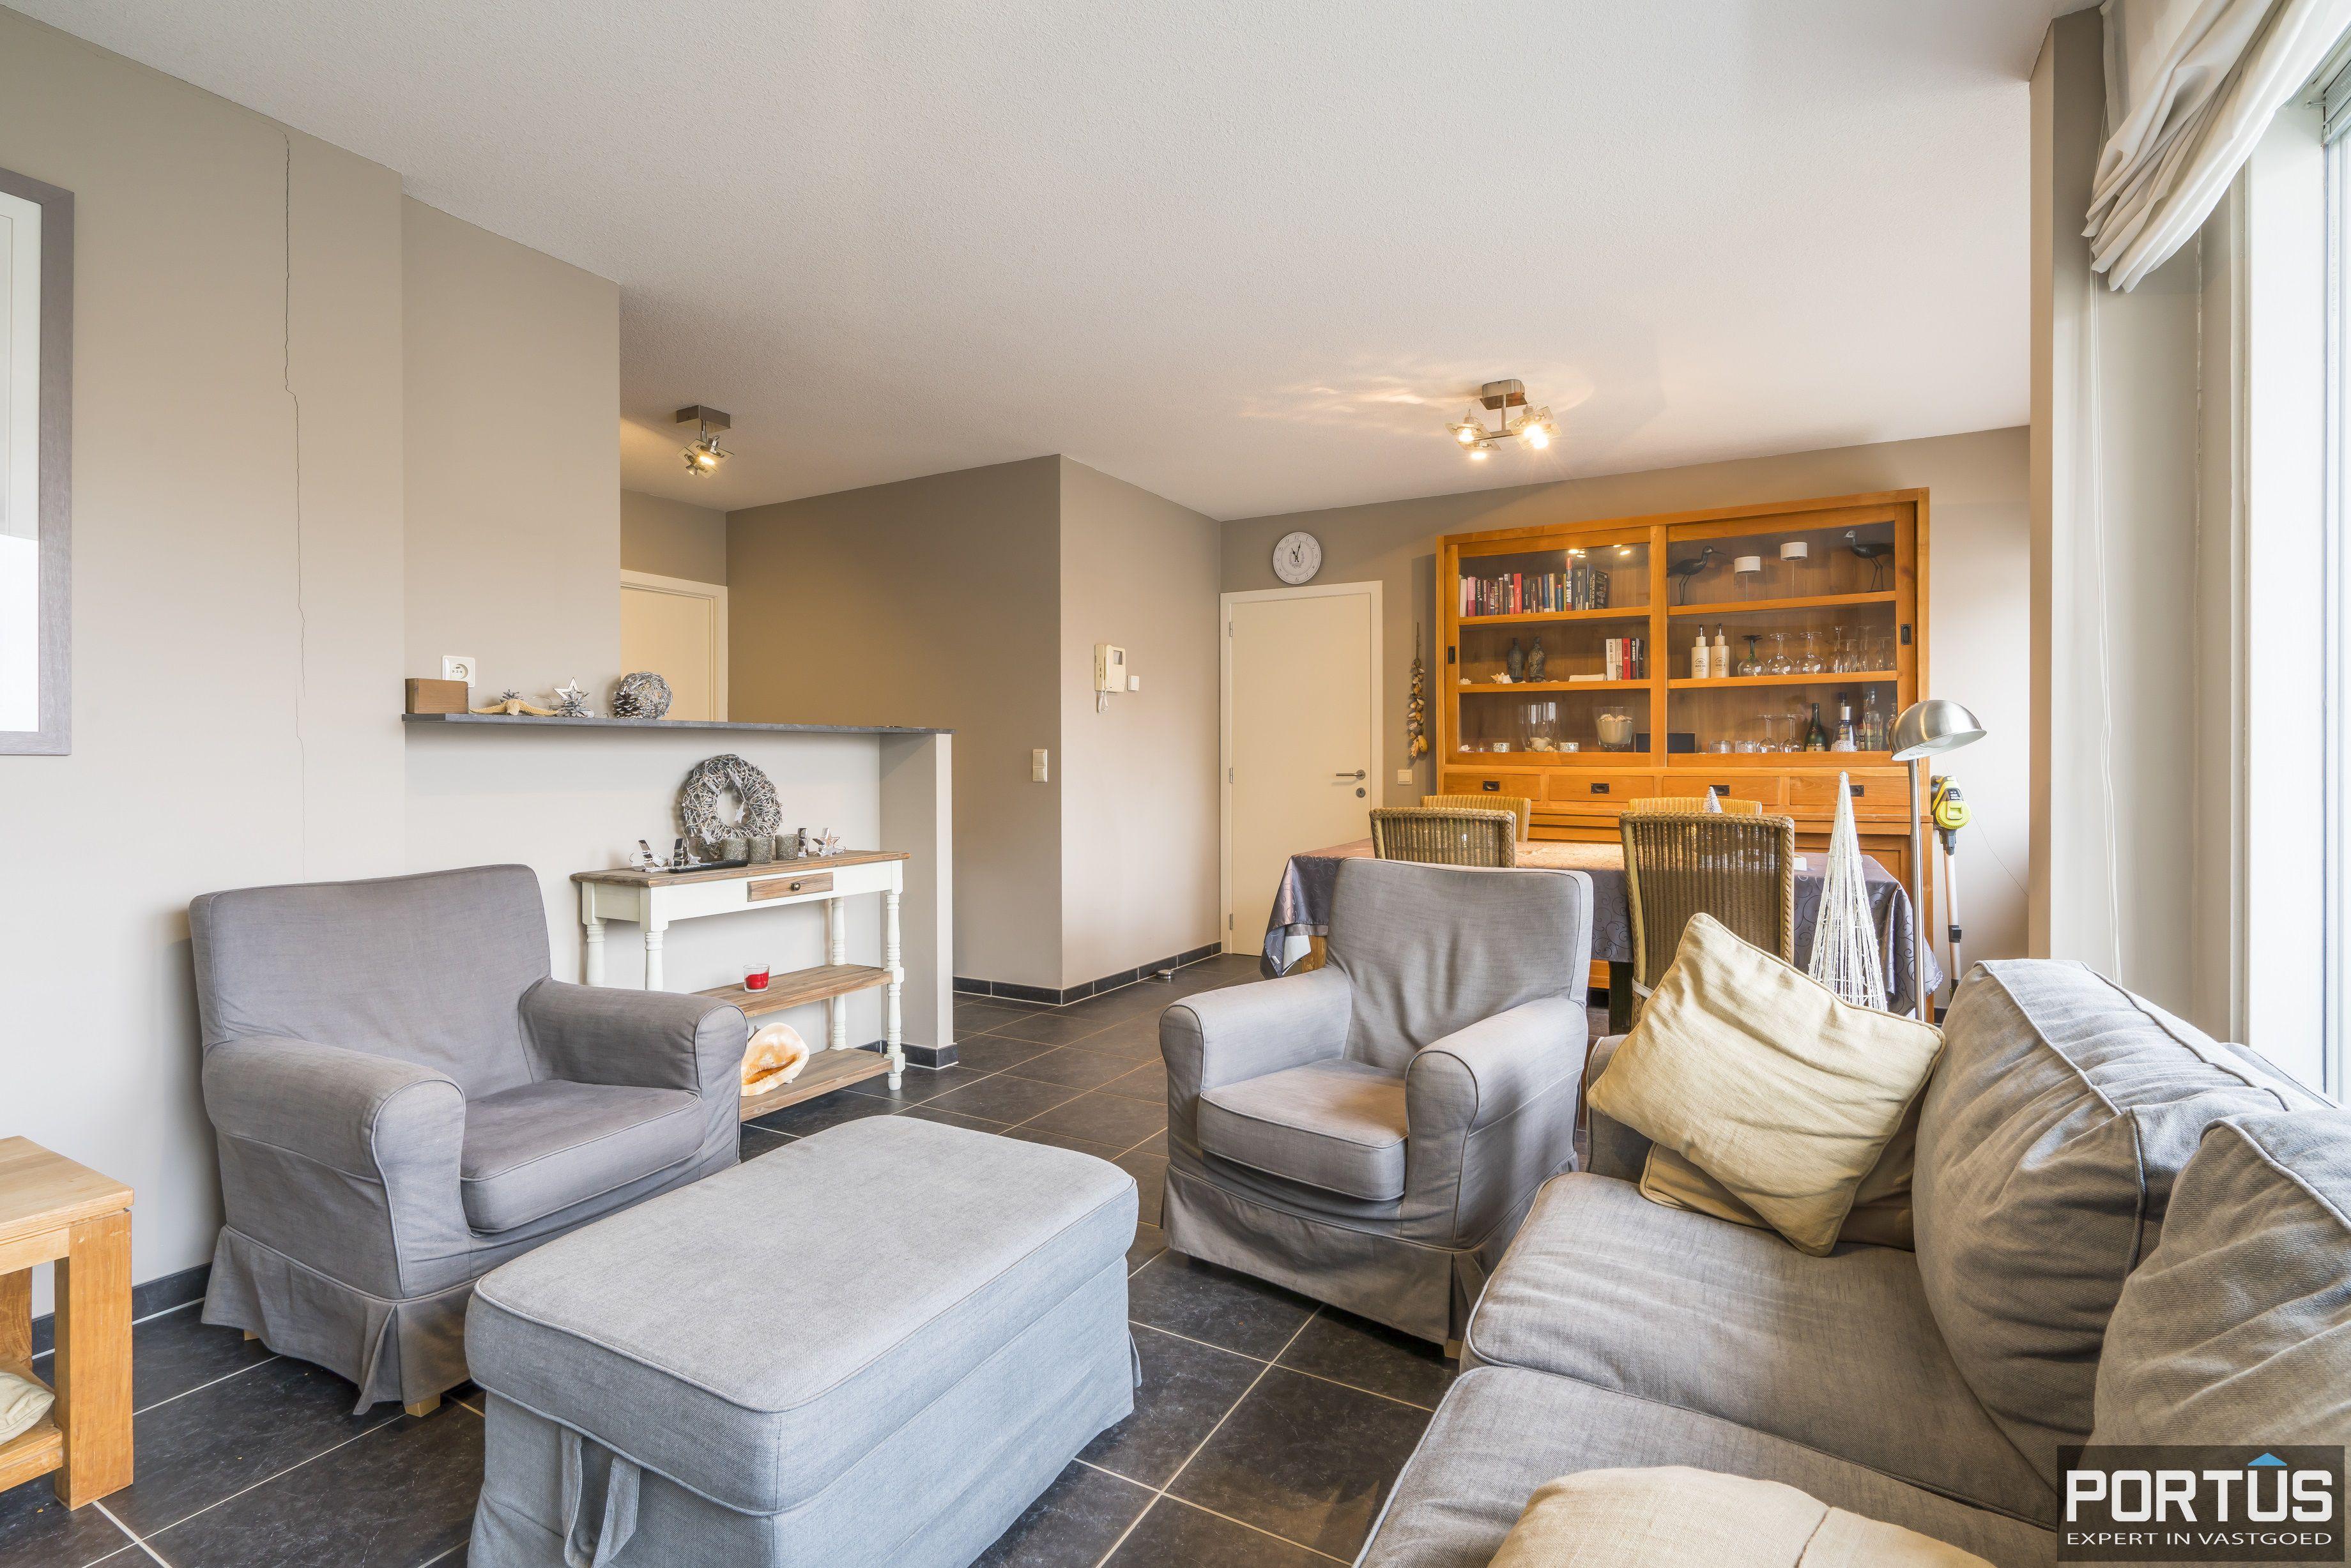 Instapklaar appartement met 2 slaapkamers te koop te Nieuwpoort - 12374